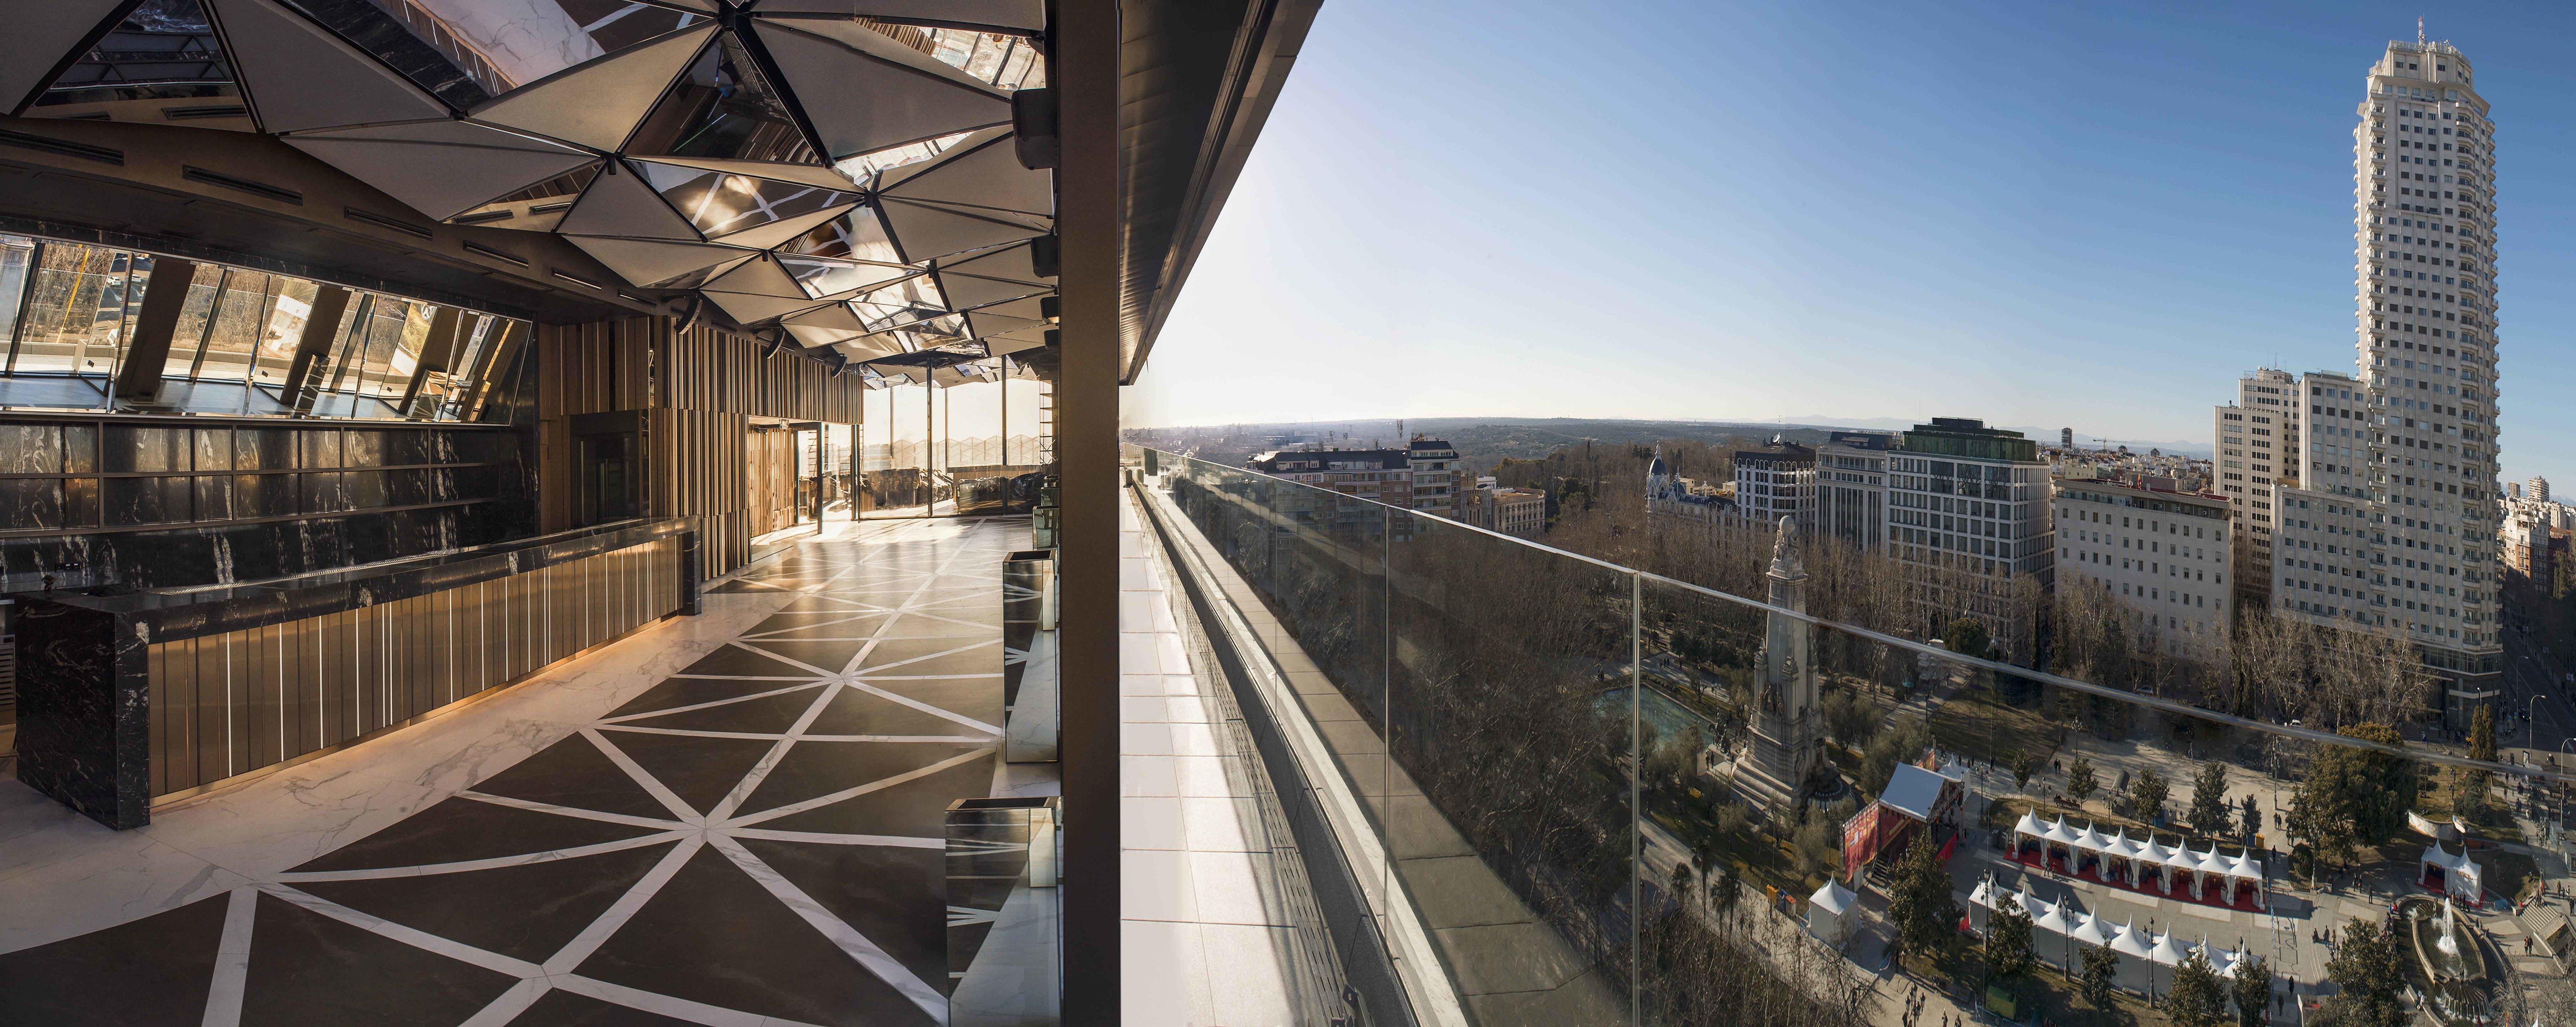 Vp Plaza España Design Studiogronda